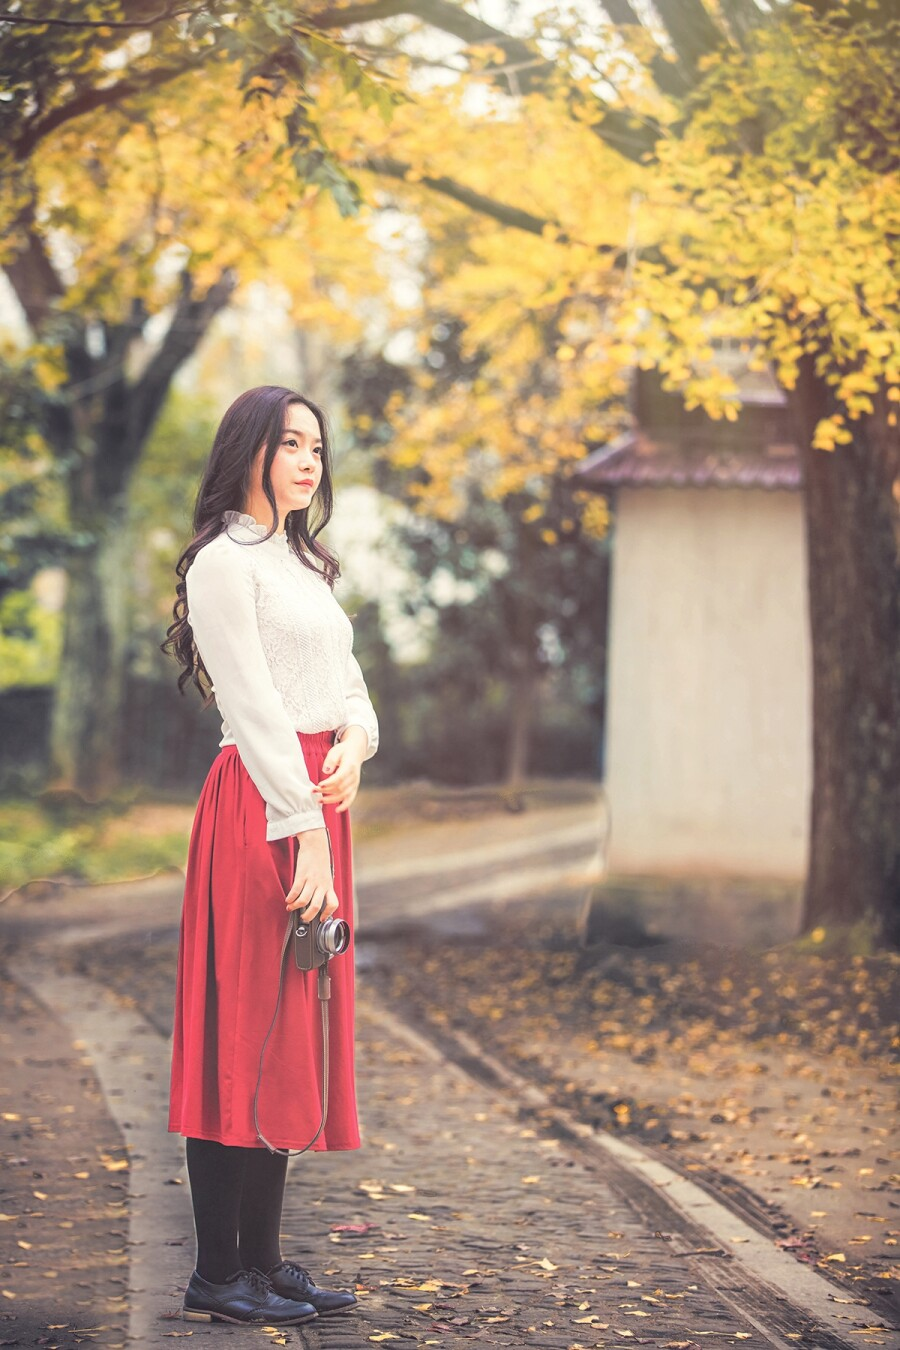 【现代时尚素材篇】人见人爱--迷人清纯美女 第98辑 - 浪漫人生 - .